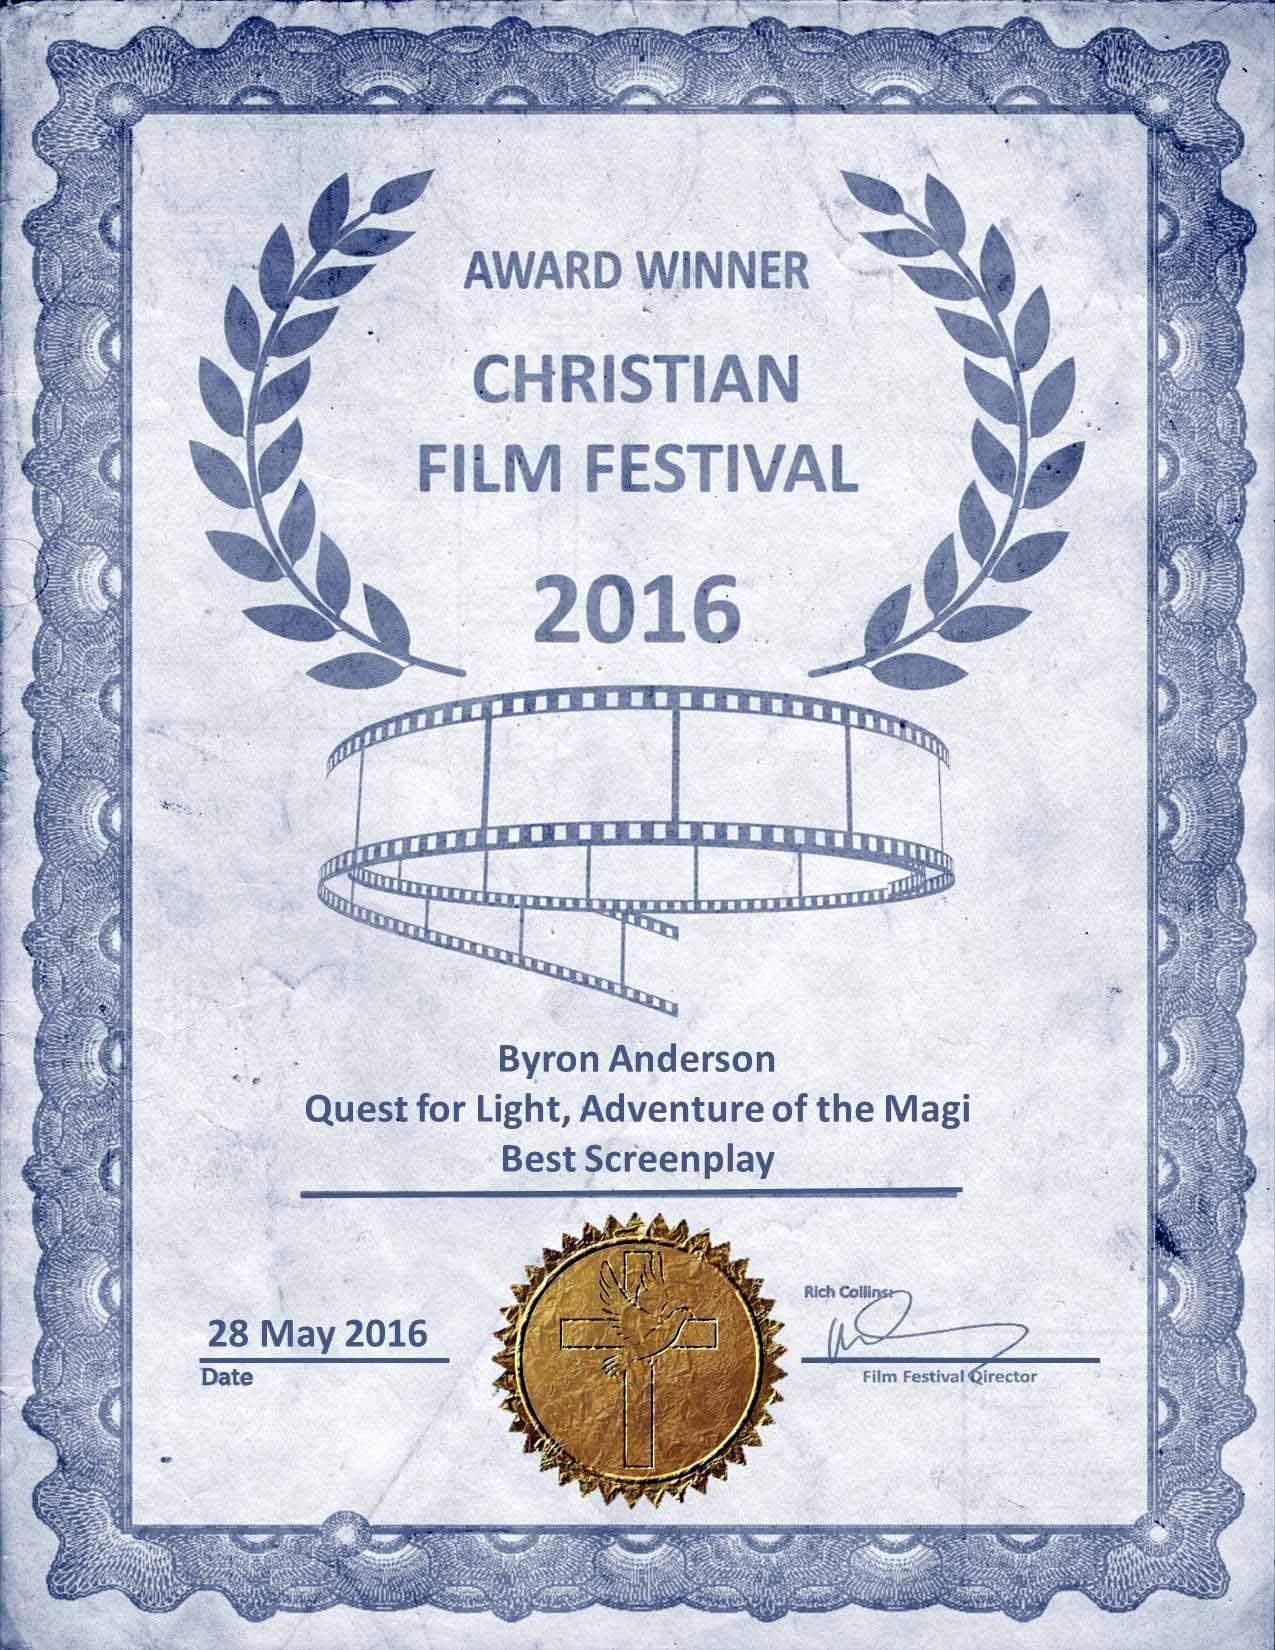 Christian Film Festival